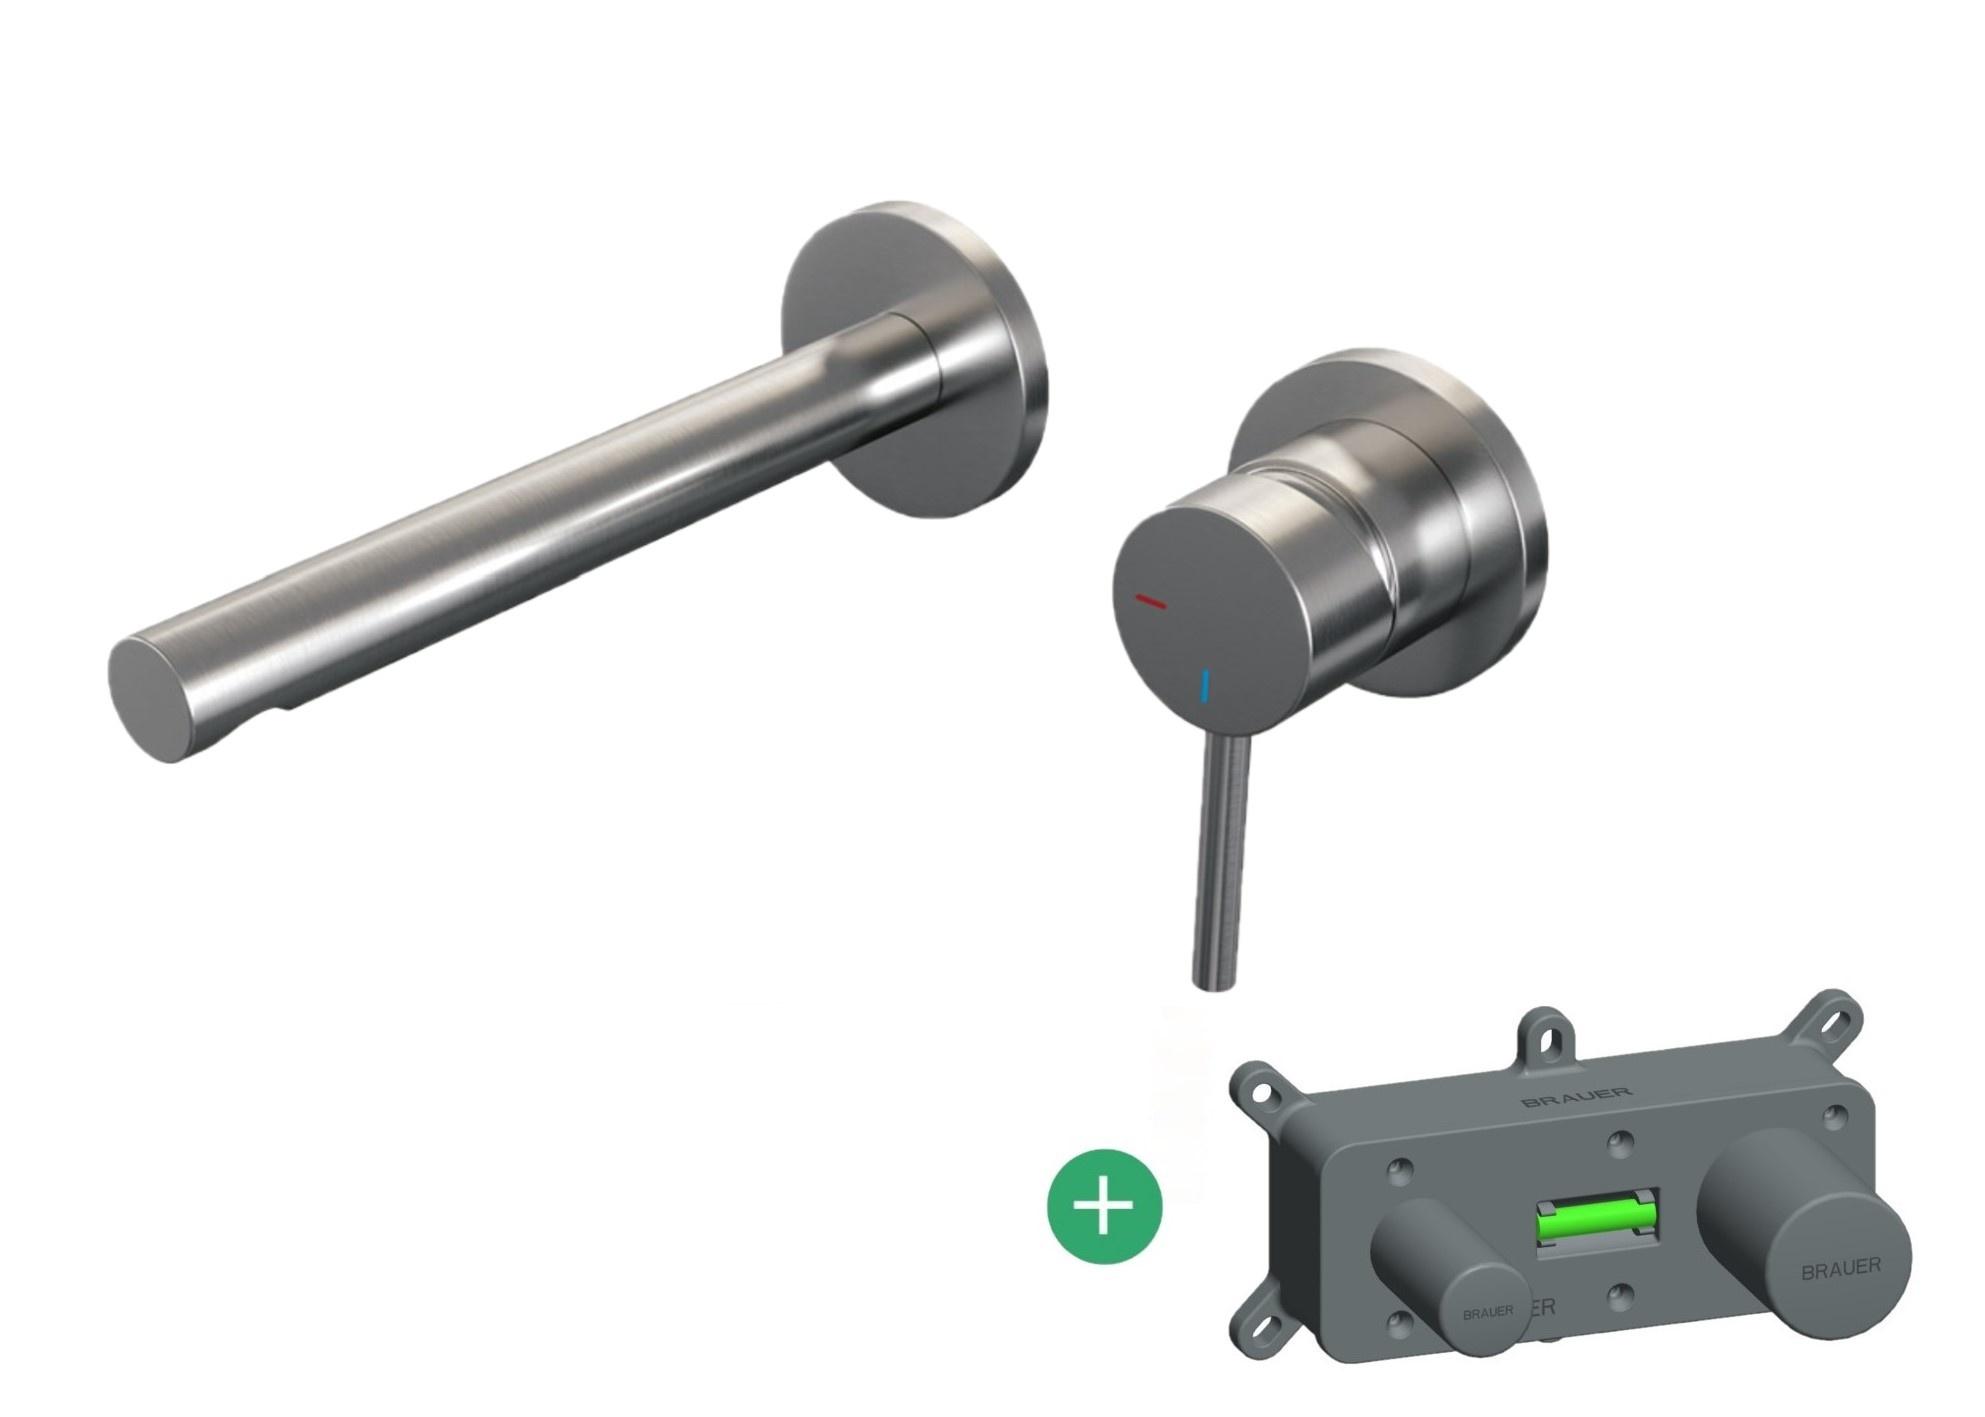 Brauer Brushed Edition inbouw wastafelkraan - inclusief inbouwdeel nikkel PVD